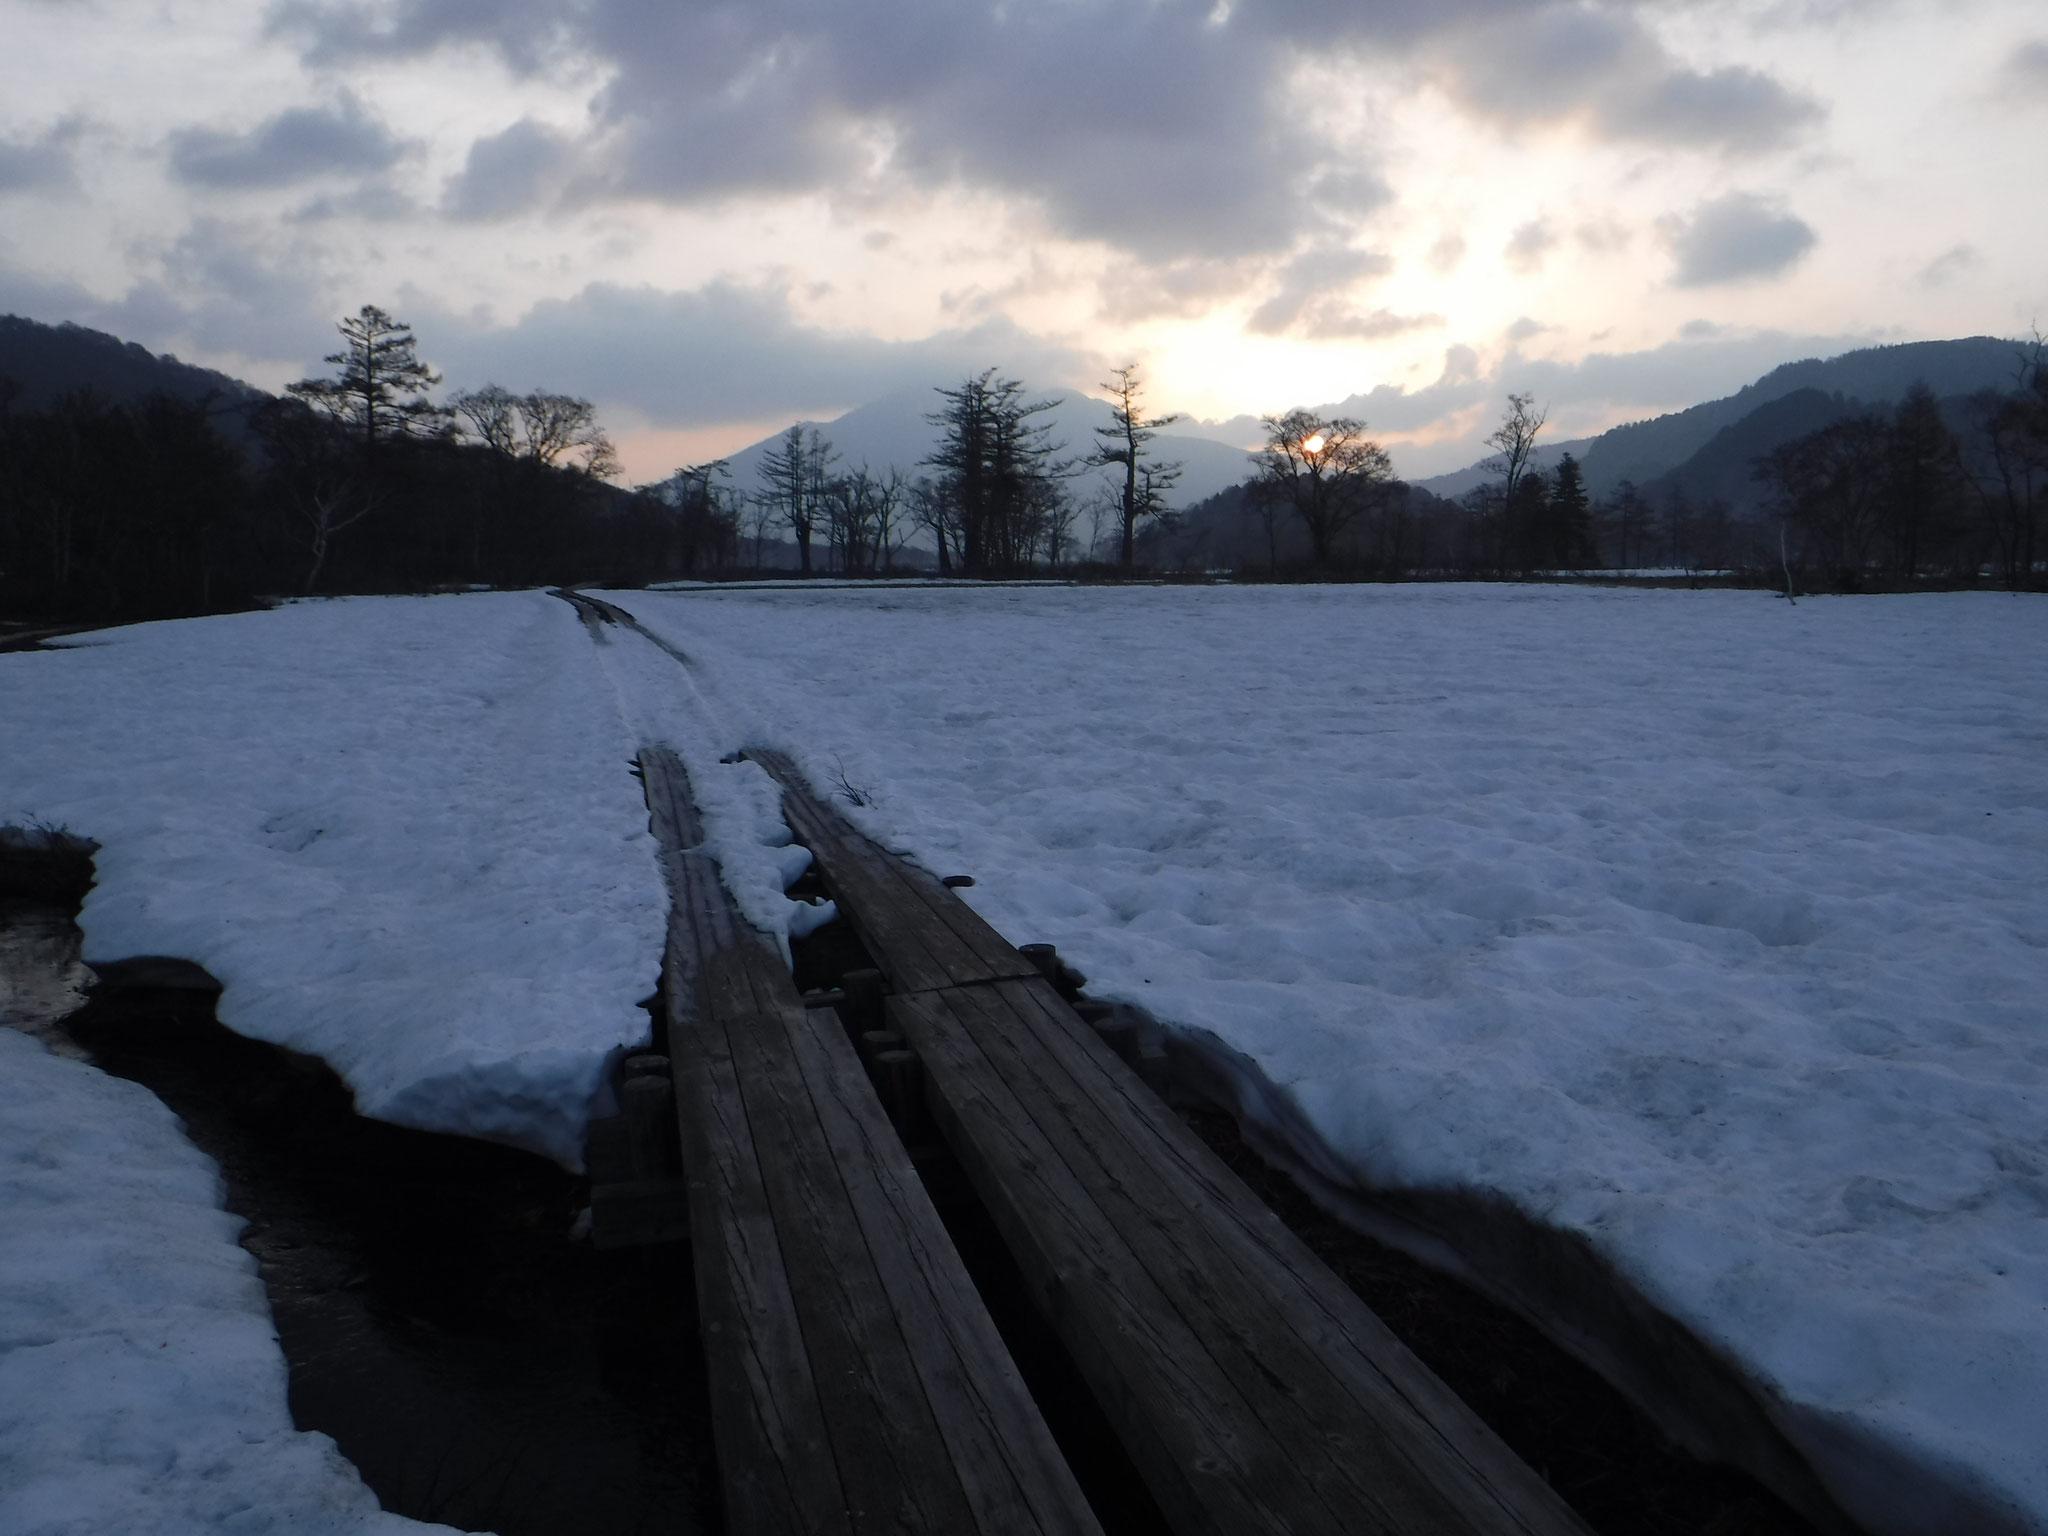 5:10 山ノ鼻付近は、木道脇の残雪の上を進める